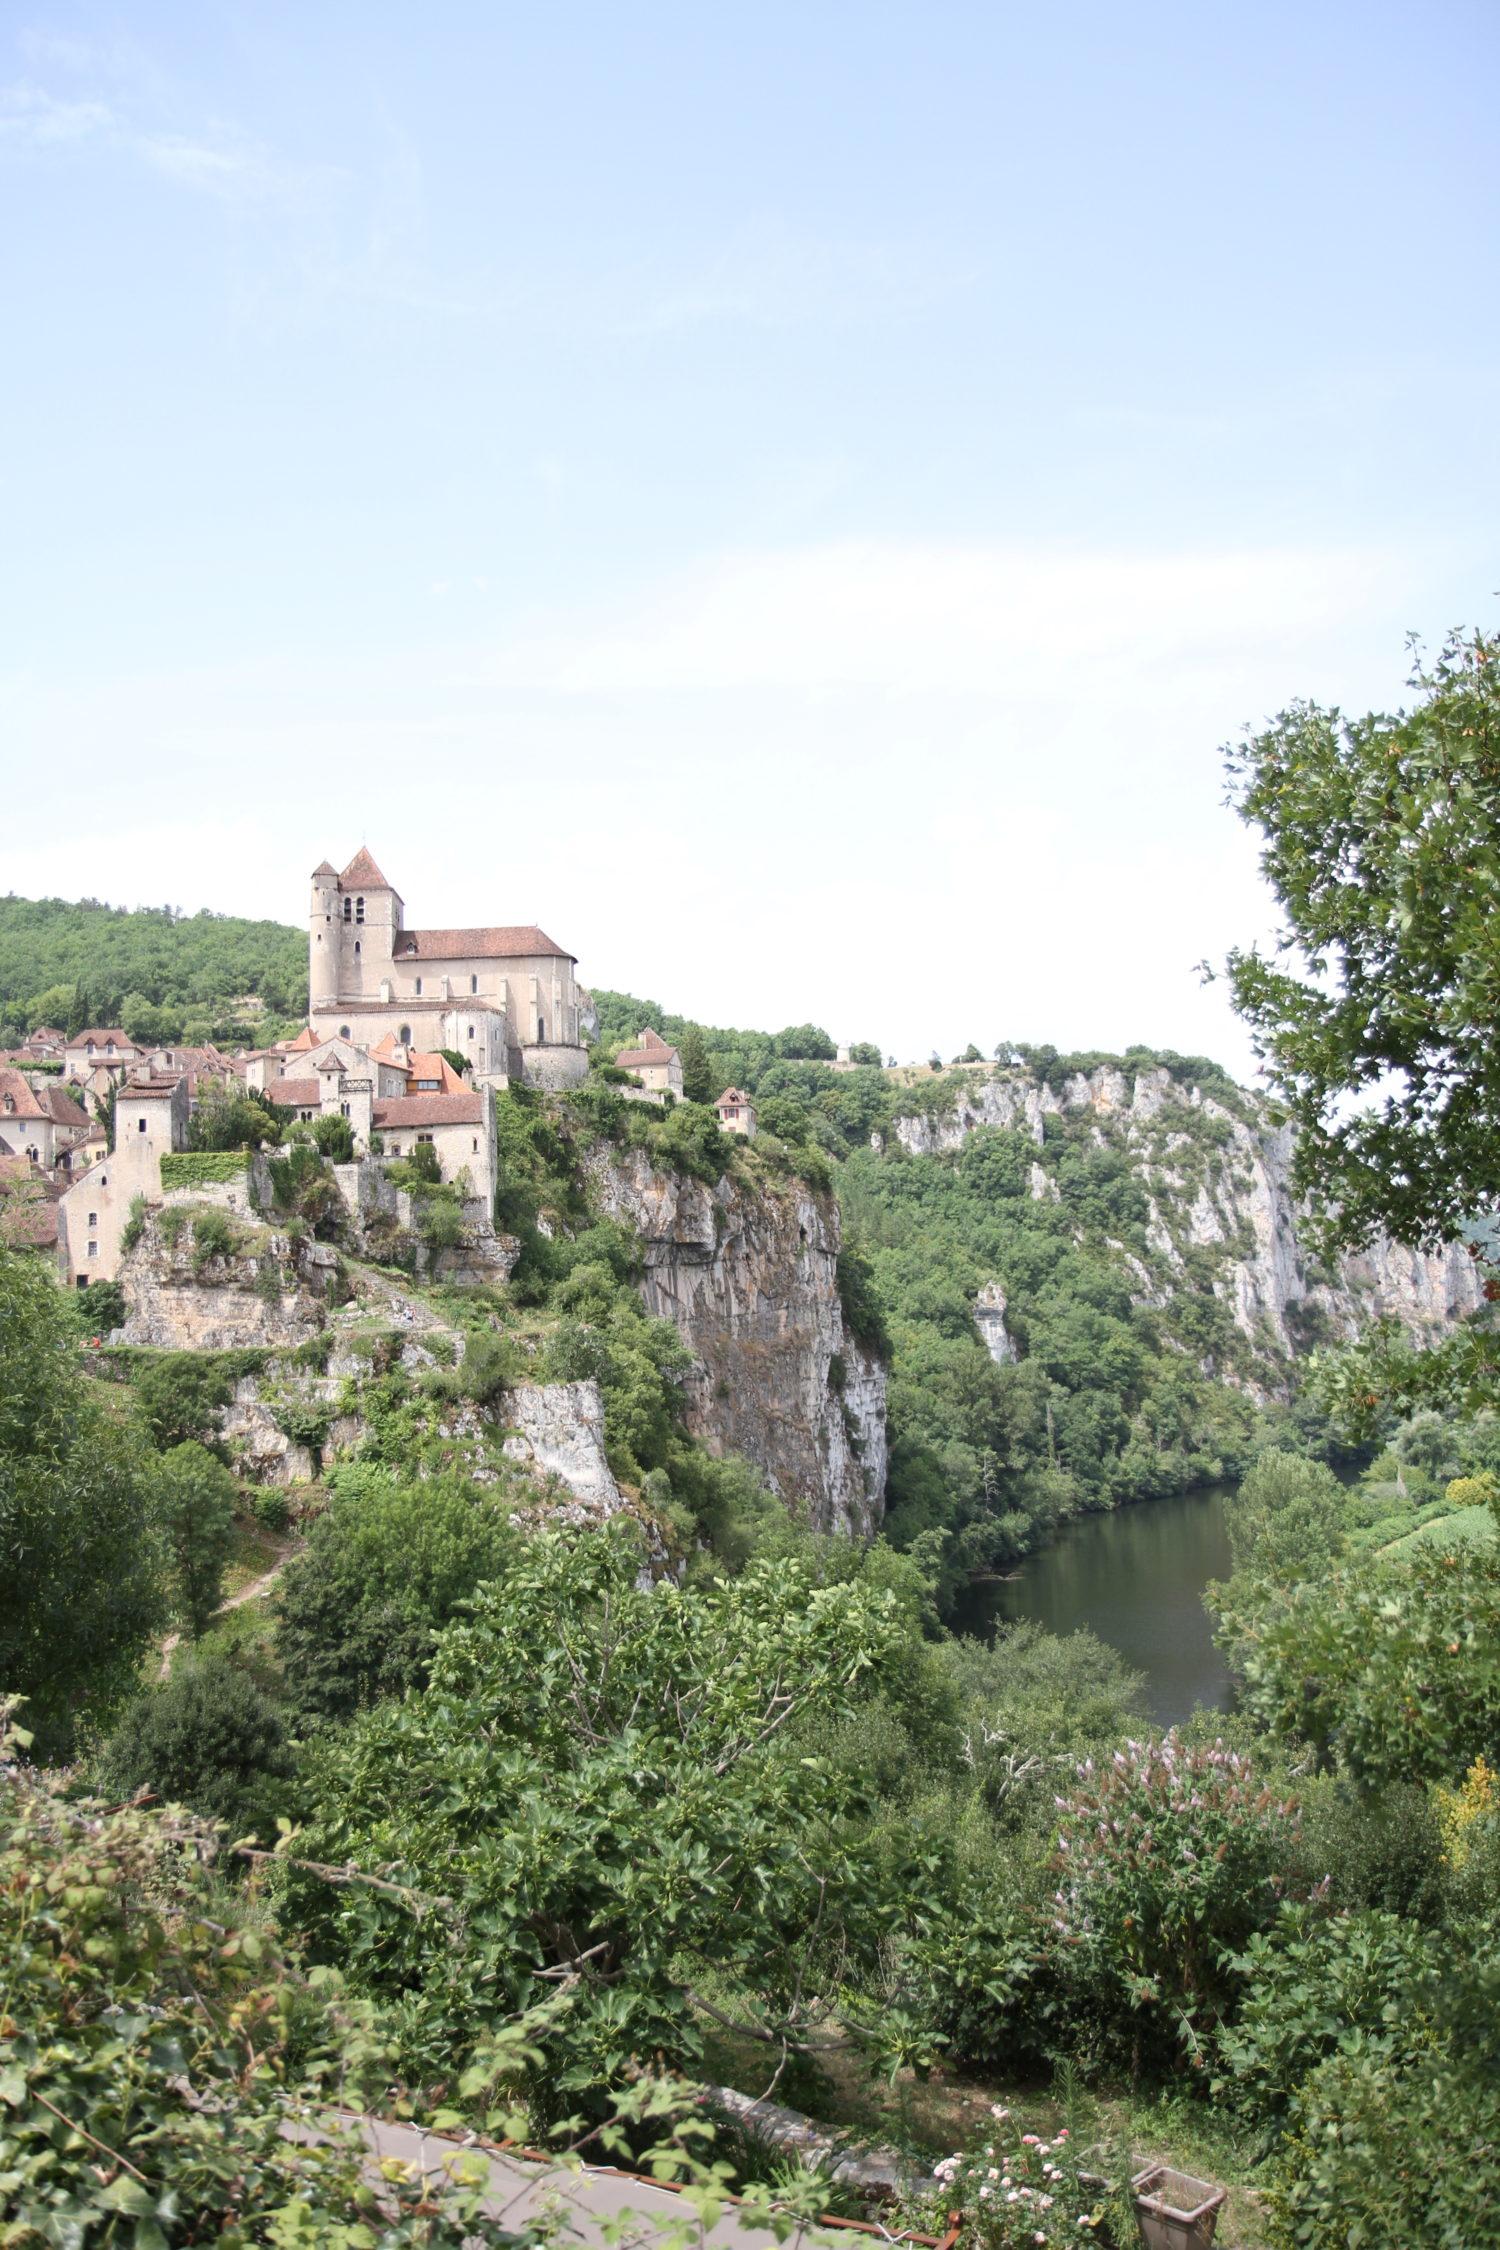 St-Cirq Lapopie